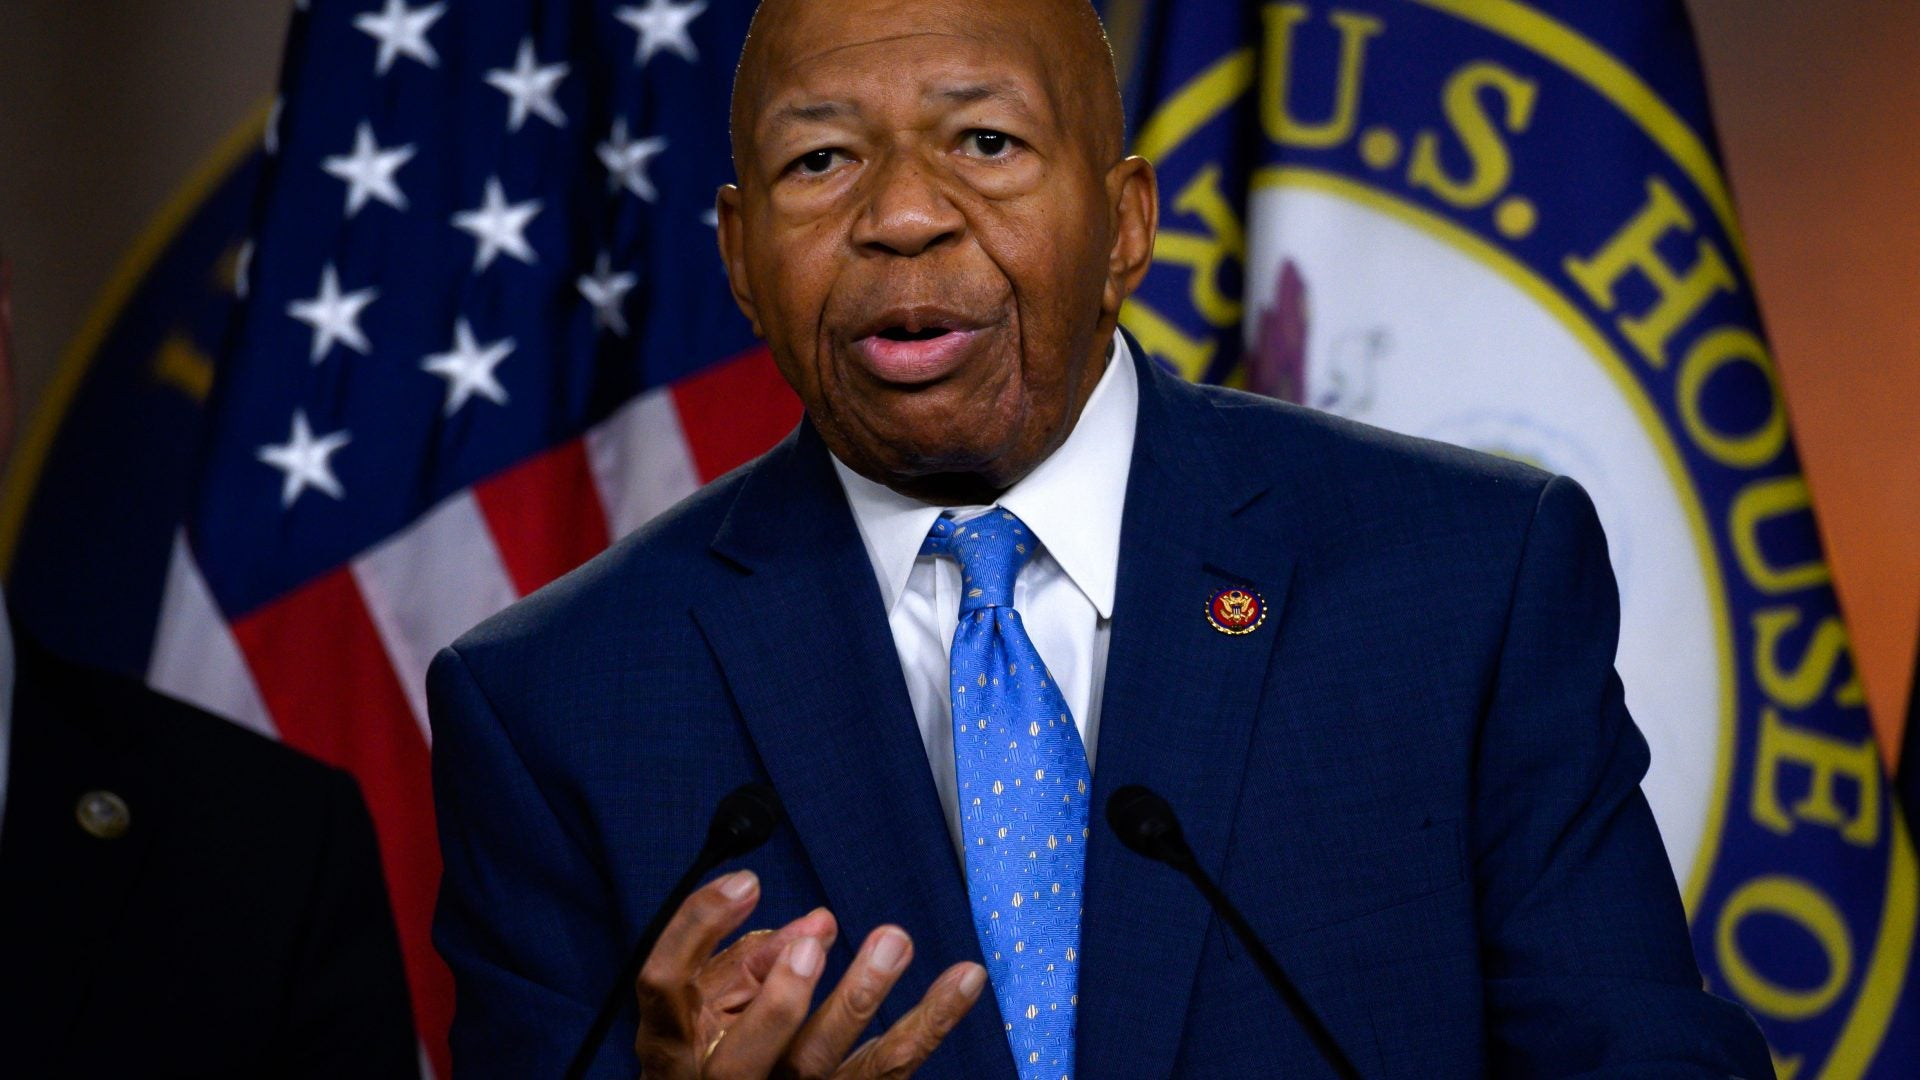 Rep. Elijah Cummings Dies at 68